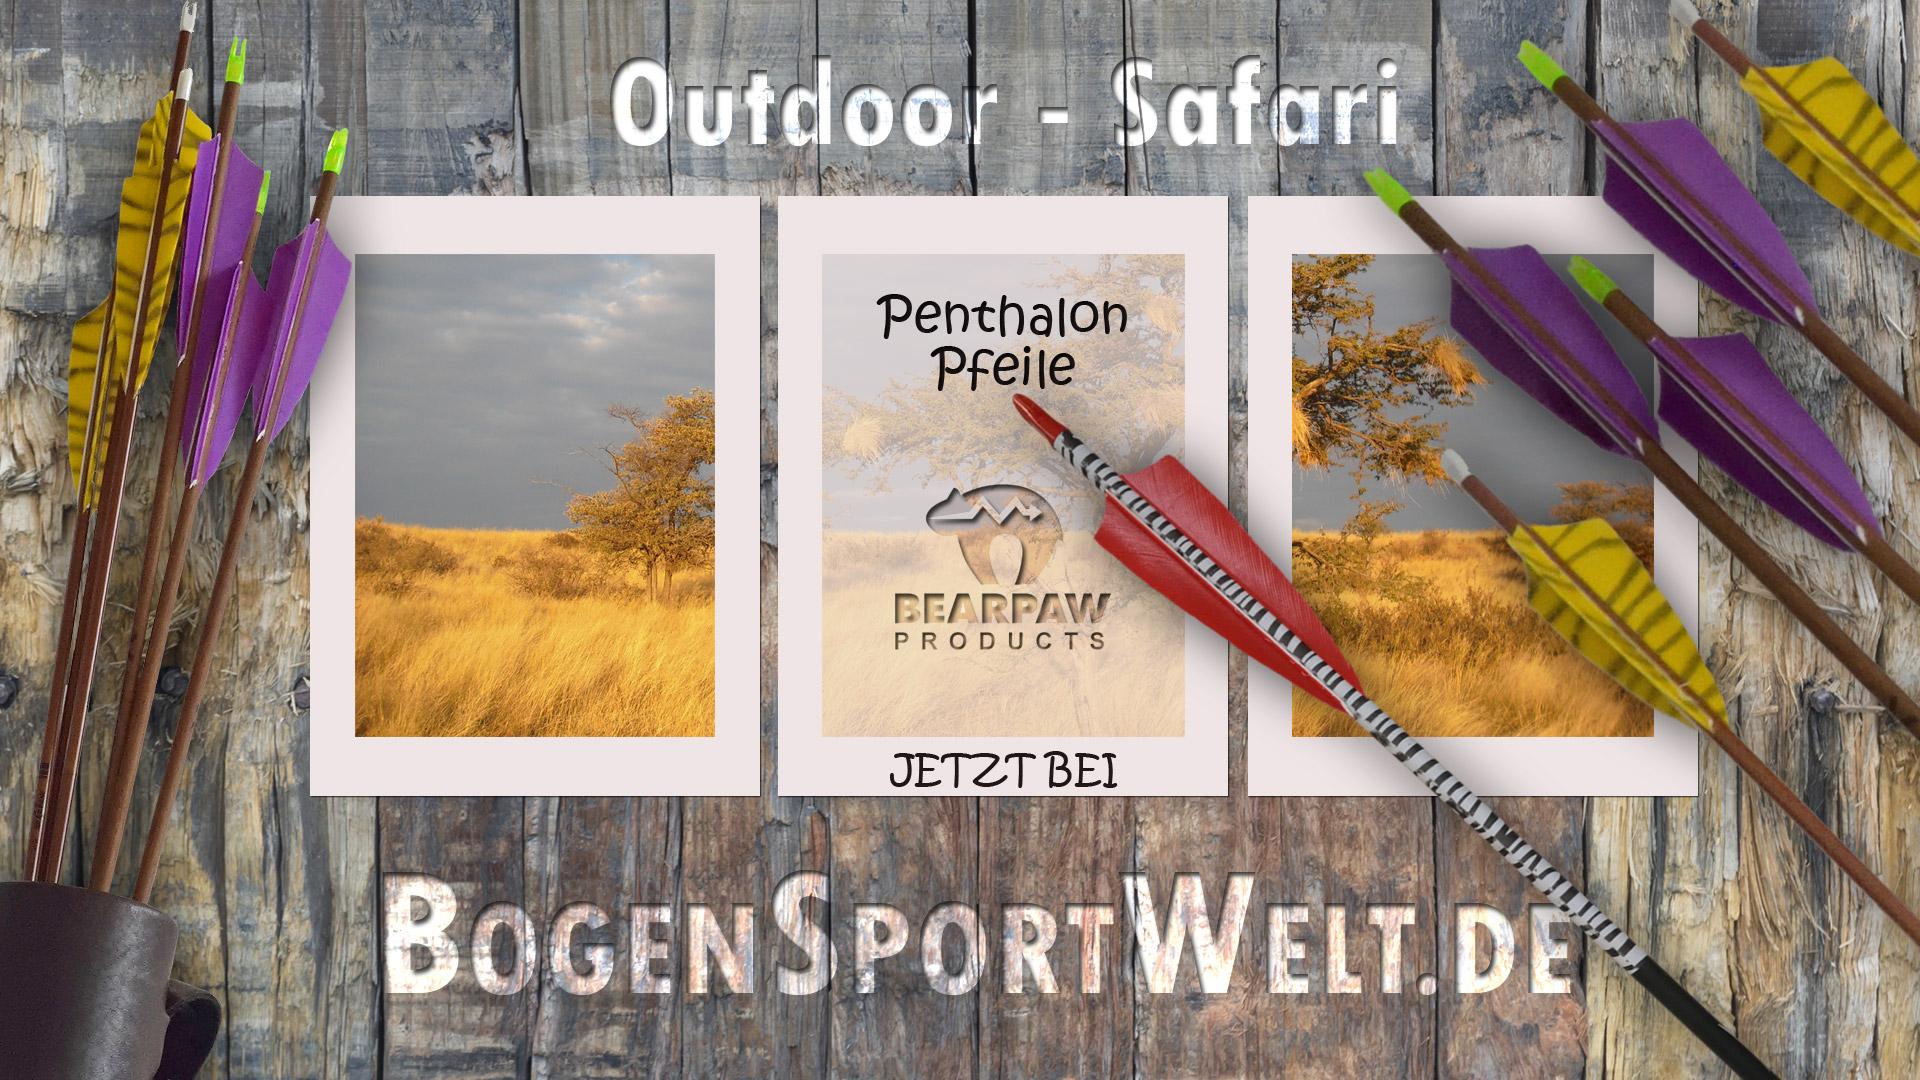 Auf Outdoor-Safari mit den neuen Penthalon Pfeilen von Bearpaw bei der BogenSportWelt.de